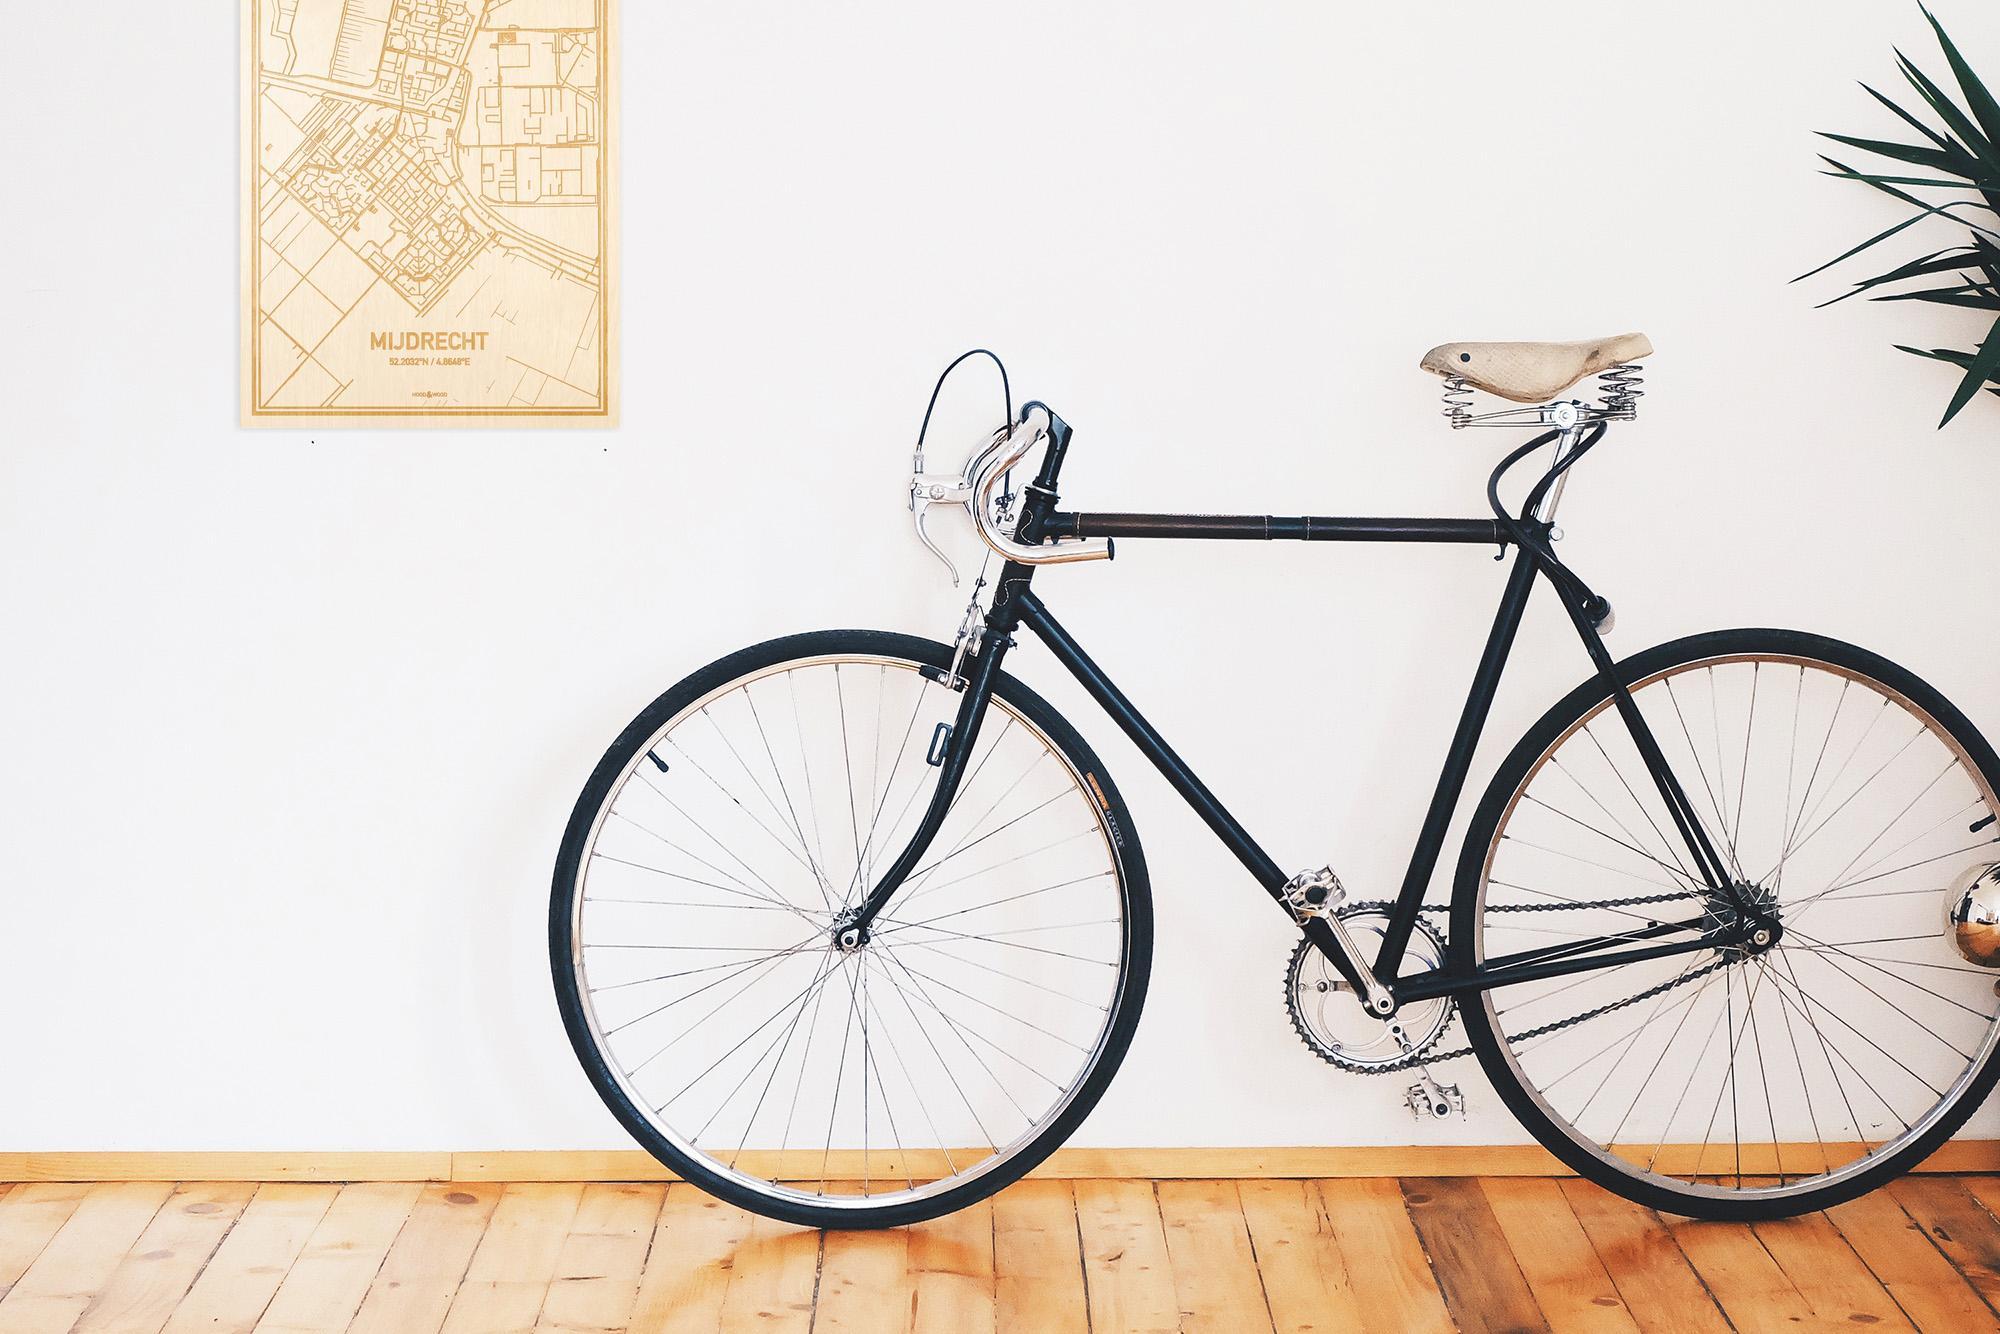 Een snelle fiets in een uniek interieur in Utrecht met mooie decoratie zoals de plattegrond Mijdrecht.